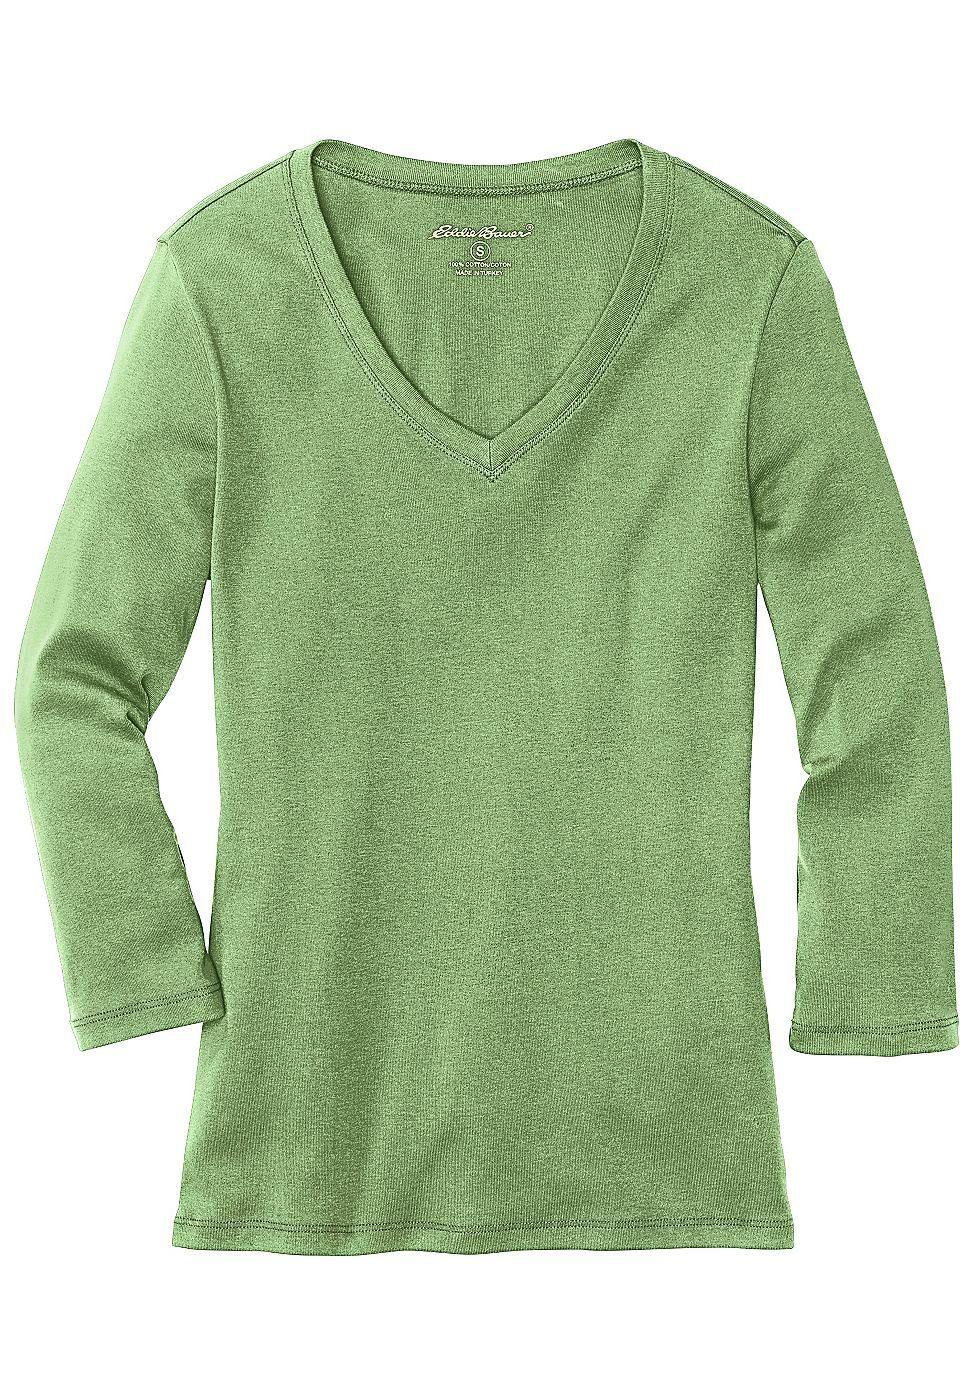 Produkttyp , Shirt, |Optik , Uni, |Stil , Basic, |Ärmelstil , 3/4-Arm, |Passform , Figurbetont, |Bündchen , Keine, |Ausschnitt , V-Ausschnitt, |Kragen , Ohne, |Gesamtlänge , Länge Gr. M ca. 64 cm., |Material , Baumwolle, |Materialzusammensetzung , 100% Baumwolle., |Pflegehinweise , Maschinenwäsche, | ...